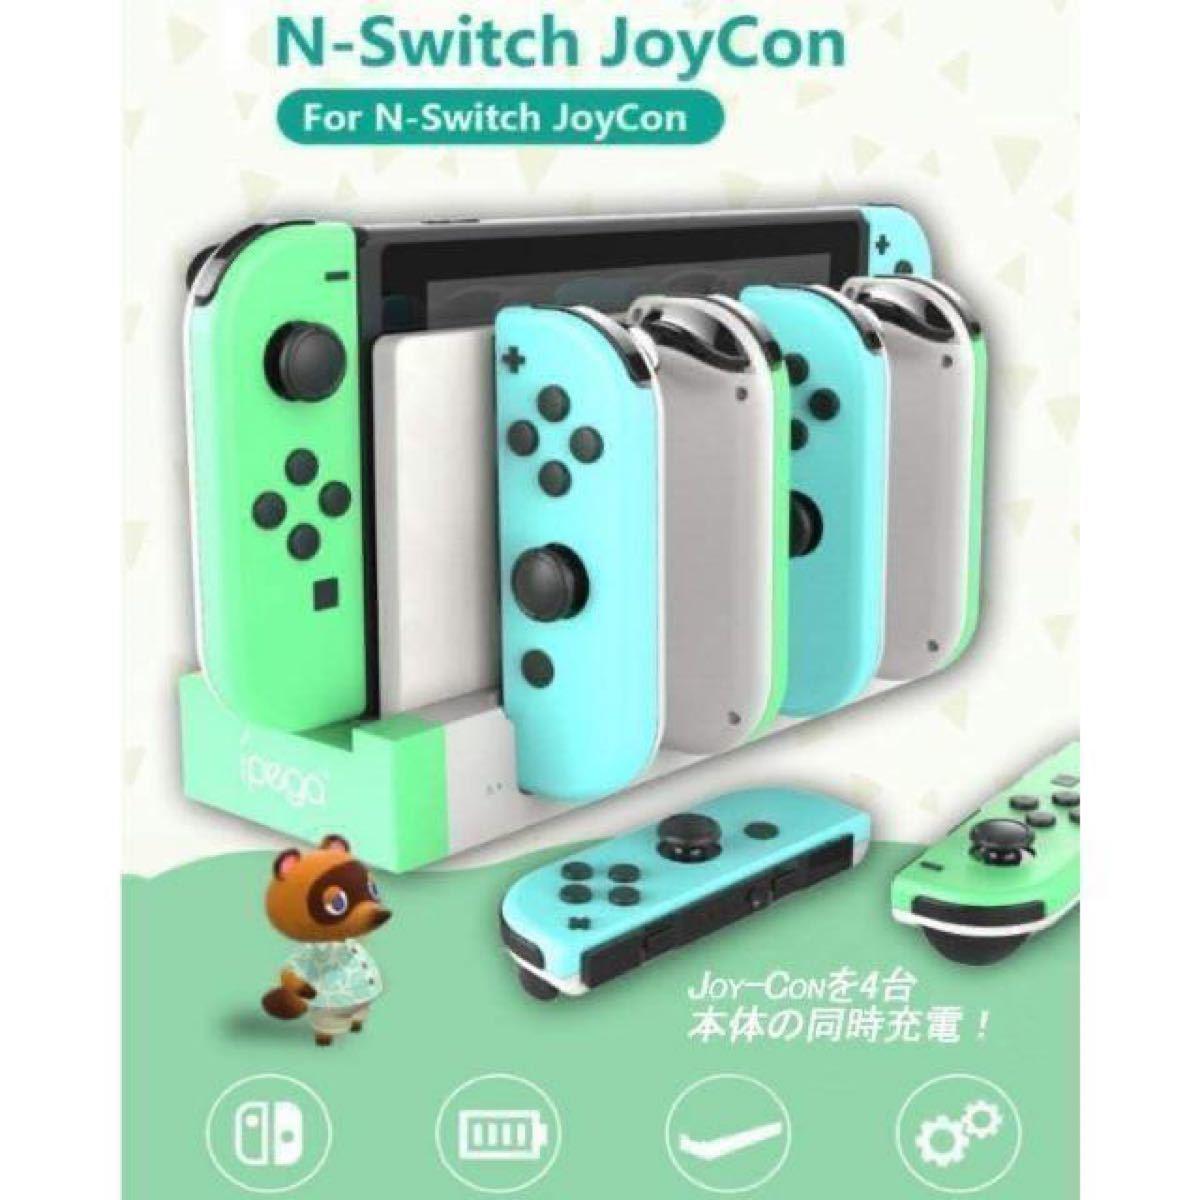 ジョイコン Joy-Con 充電スタンド Chechna